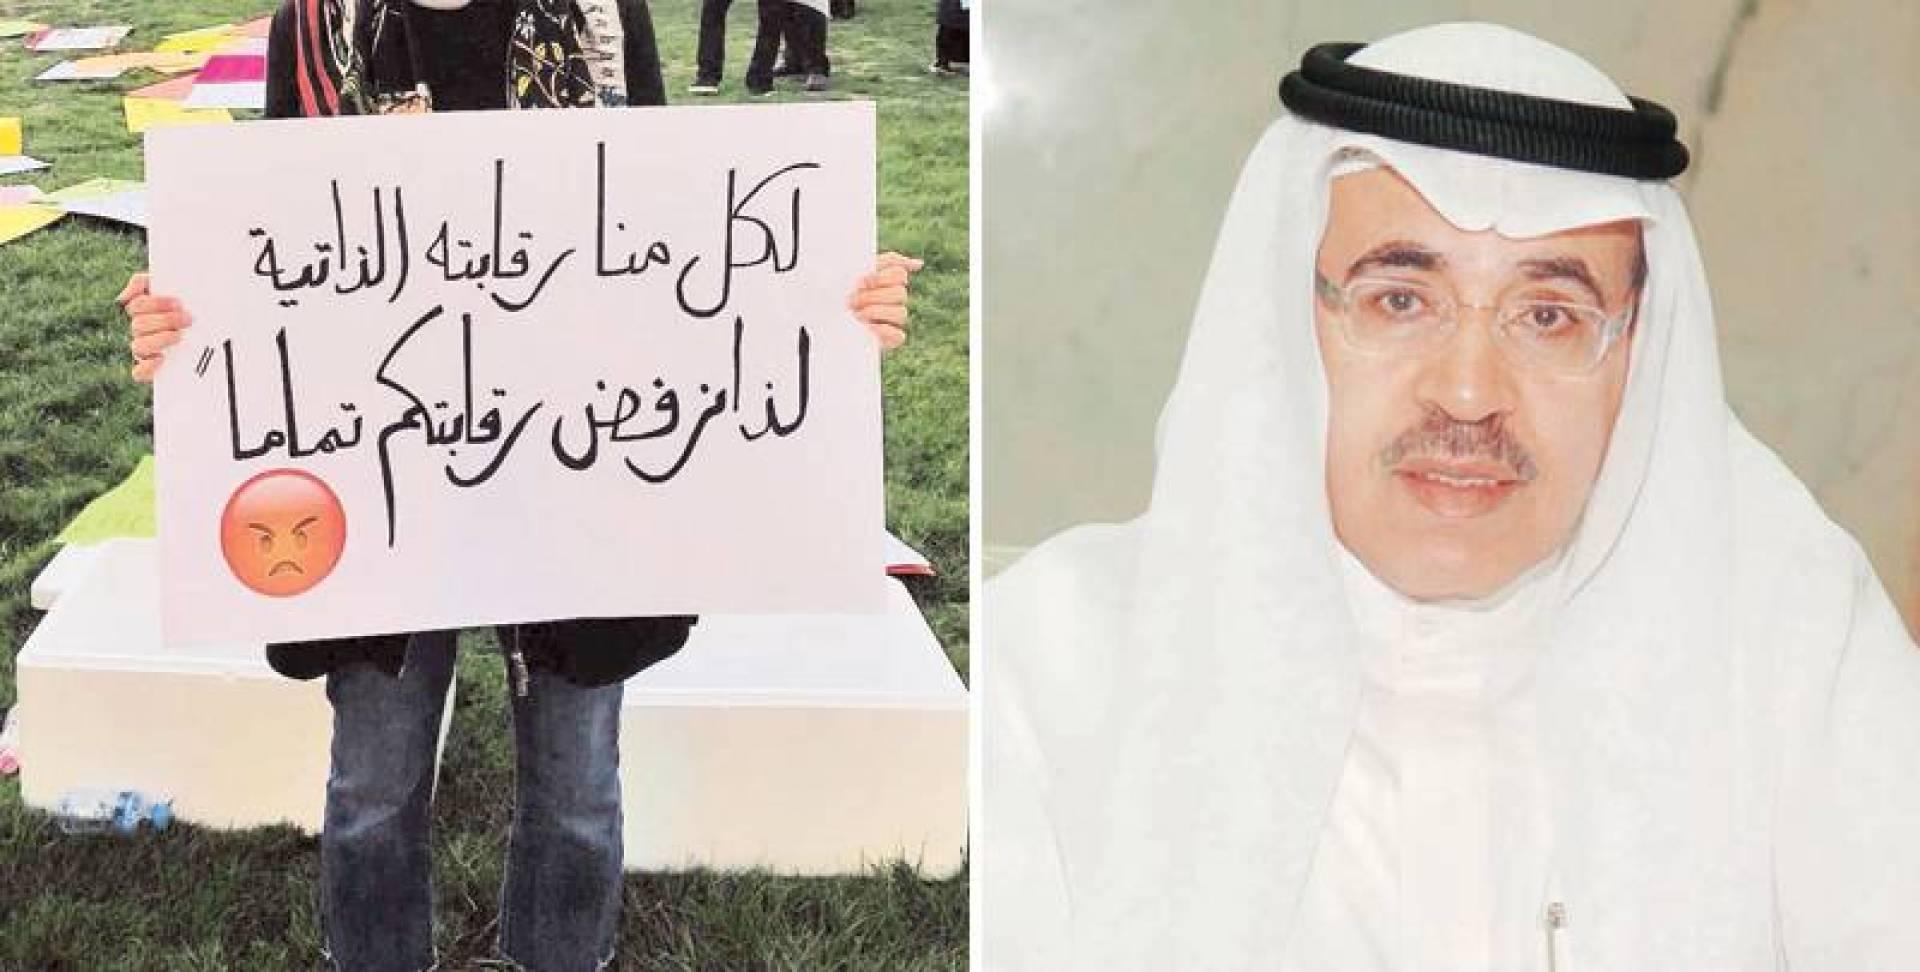 خالد رمضان - تظاهرة ضد الرقابة شهدتها ساحة الإرادة منذ أكثر من عام